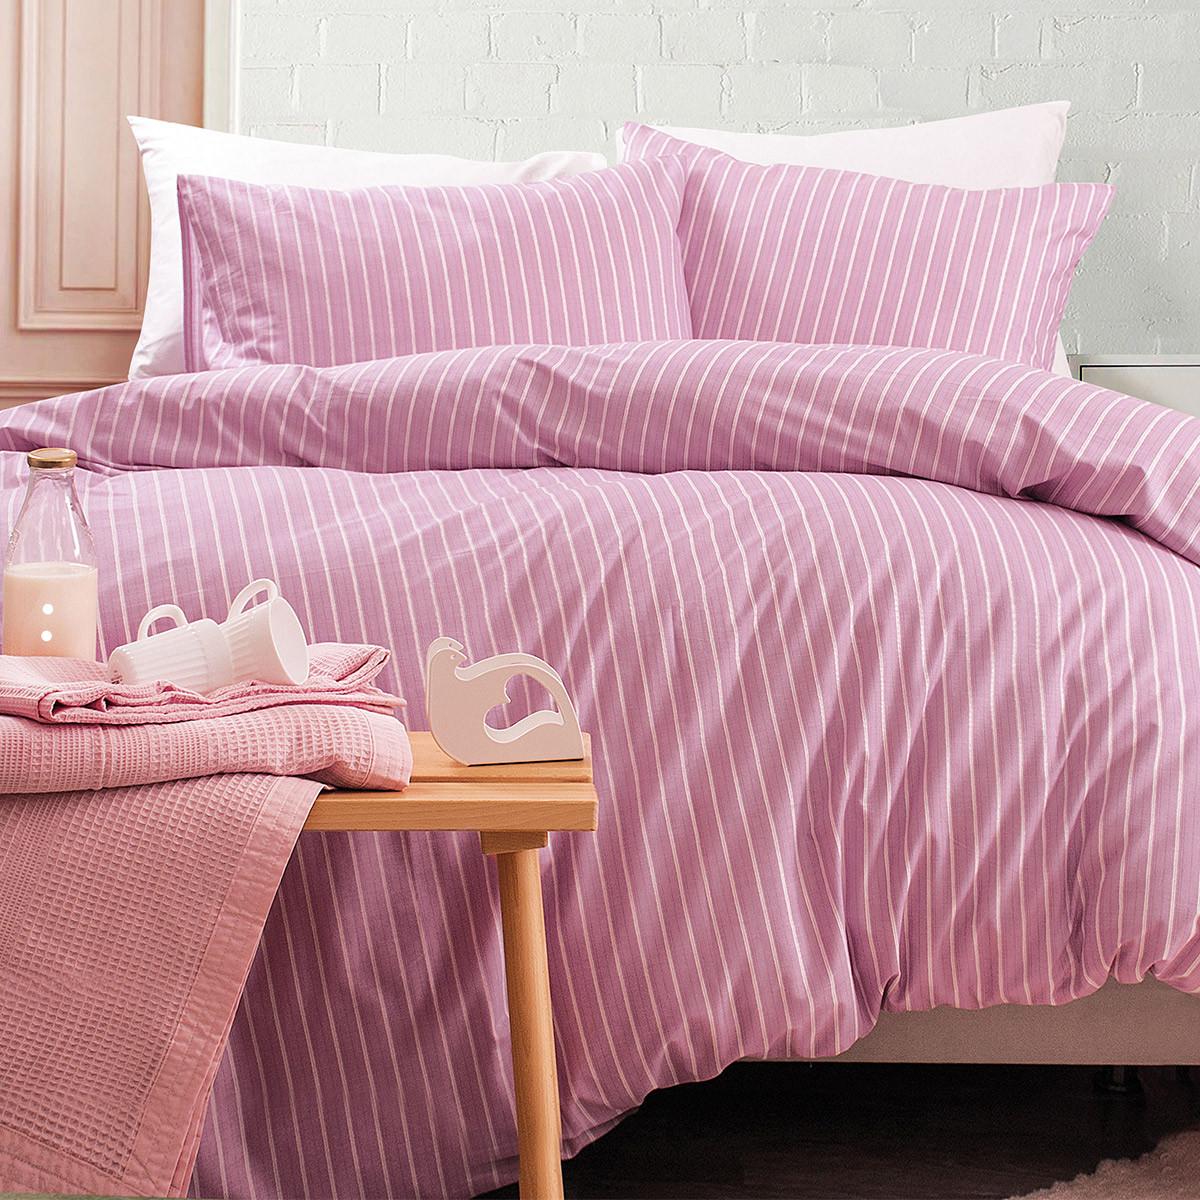 Κουβερλί Υπέρδιπλο (Σετ) Rythmos Nova Granada Pink